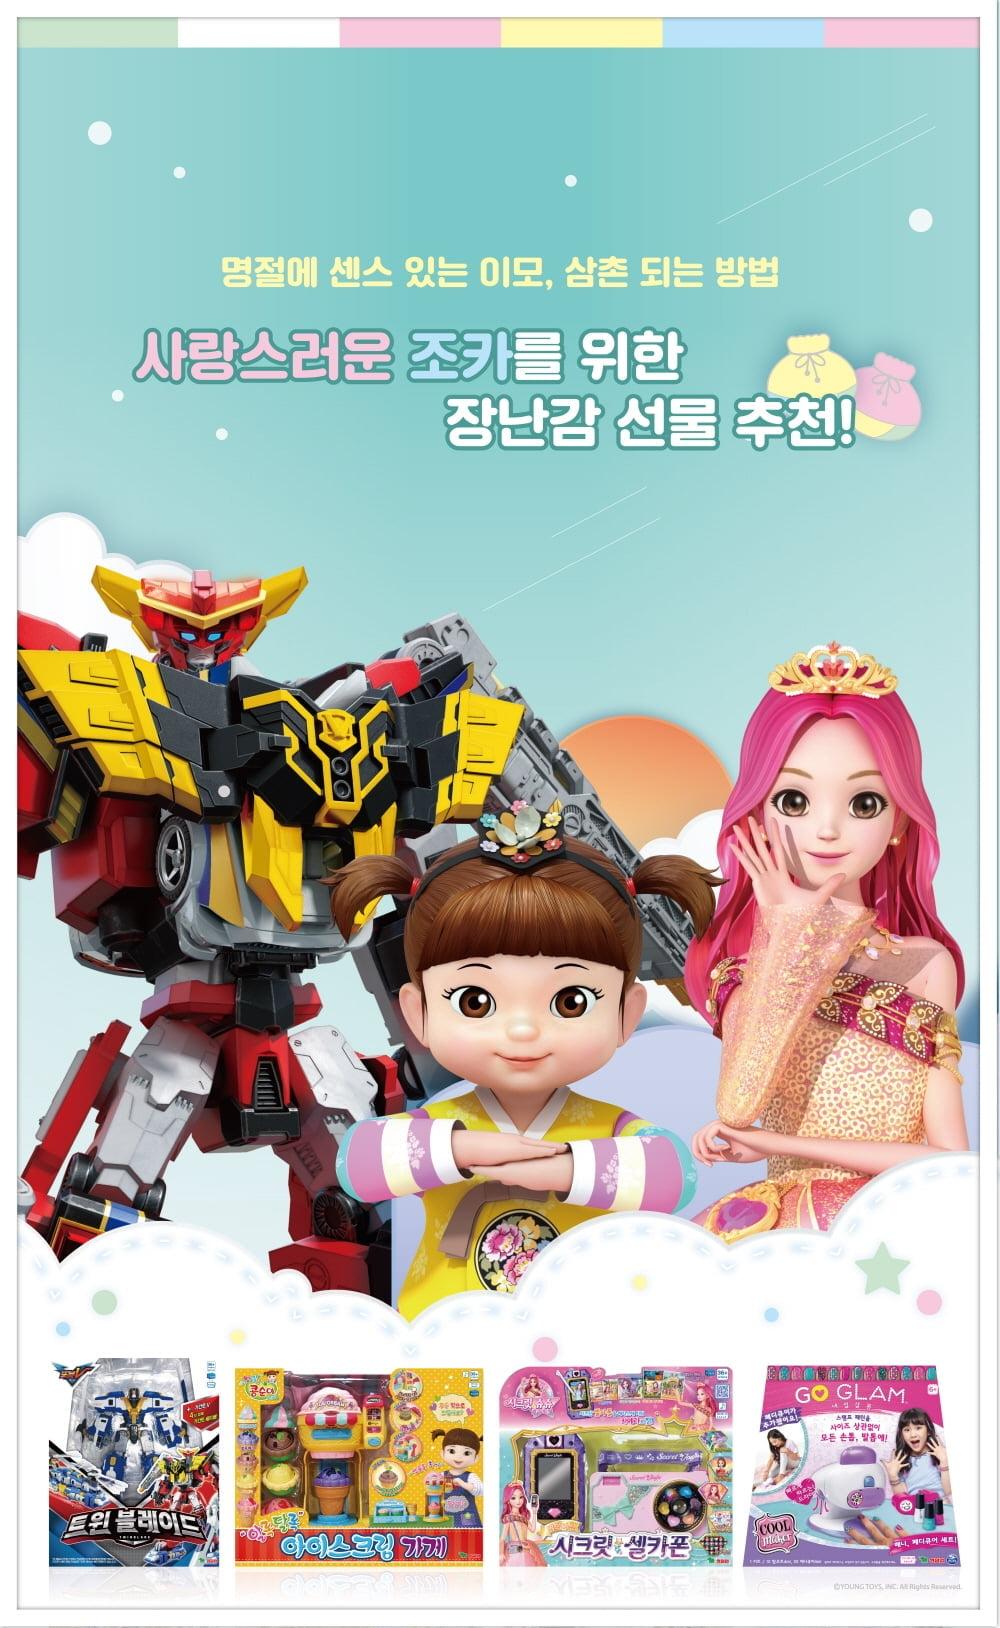 """영실업, `구정 조카 장난감 선물 TOP4`... """"집콕 생활 길어지는 조카위해 준비하세요"""""""